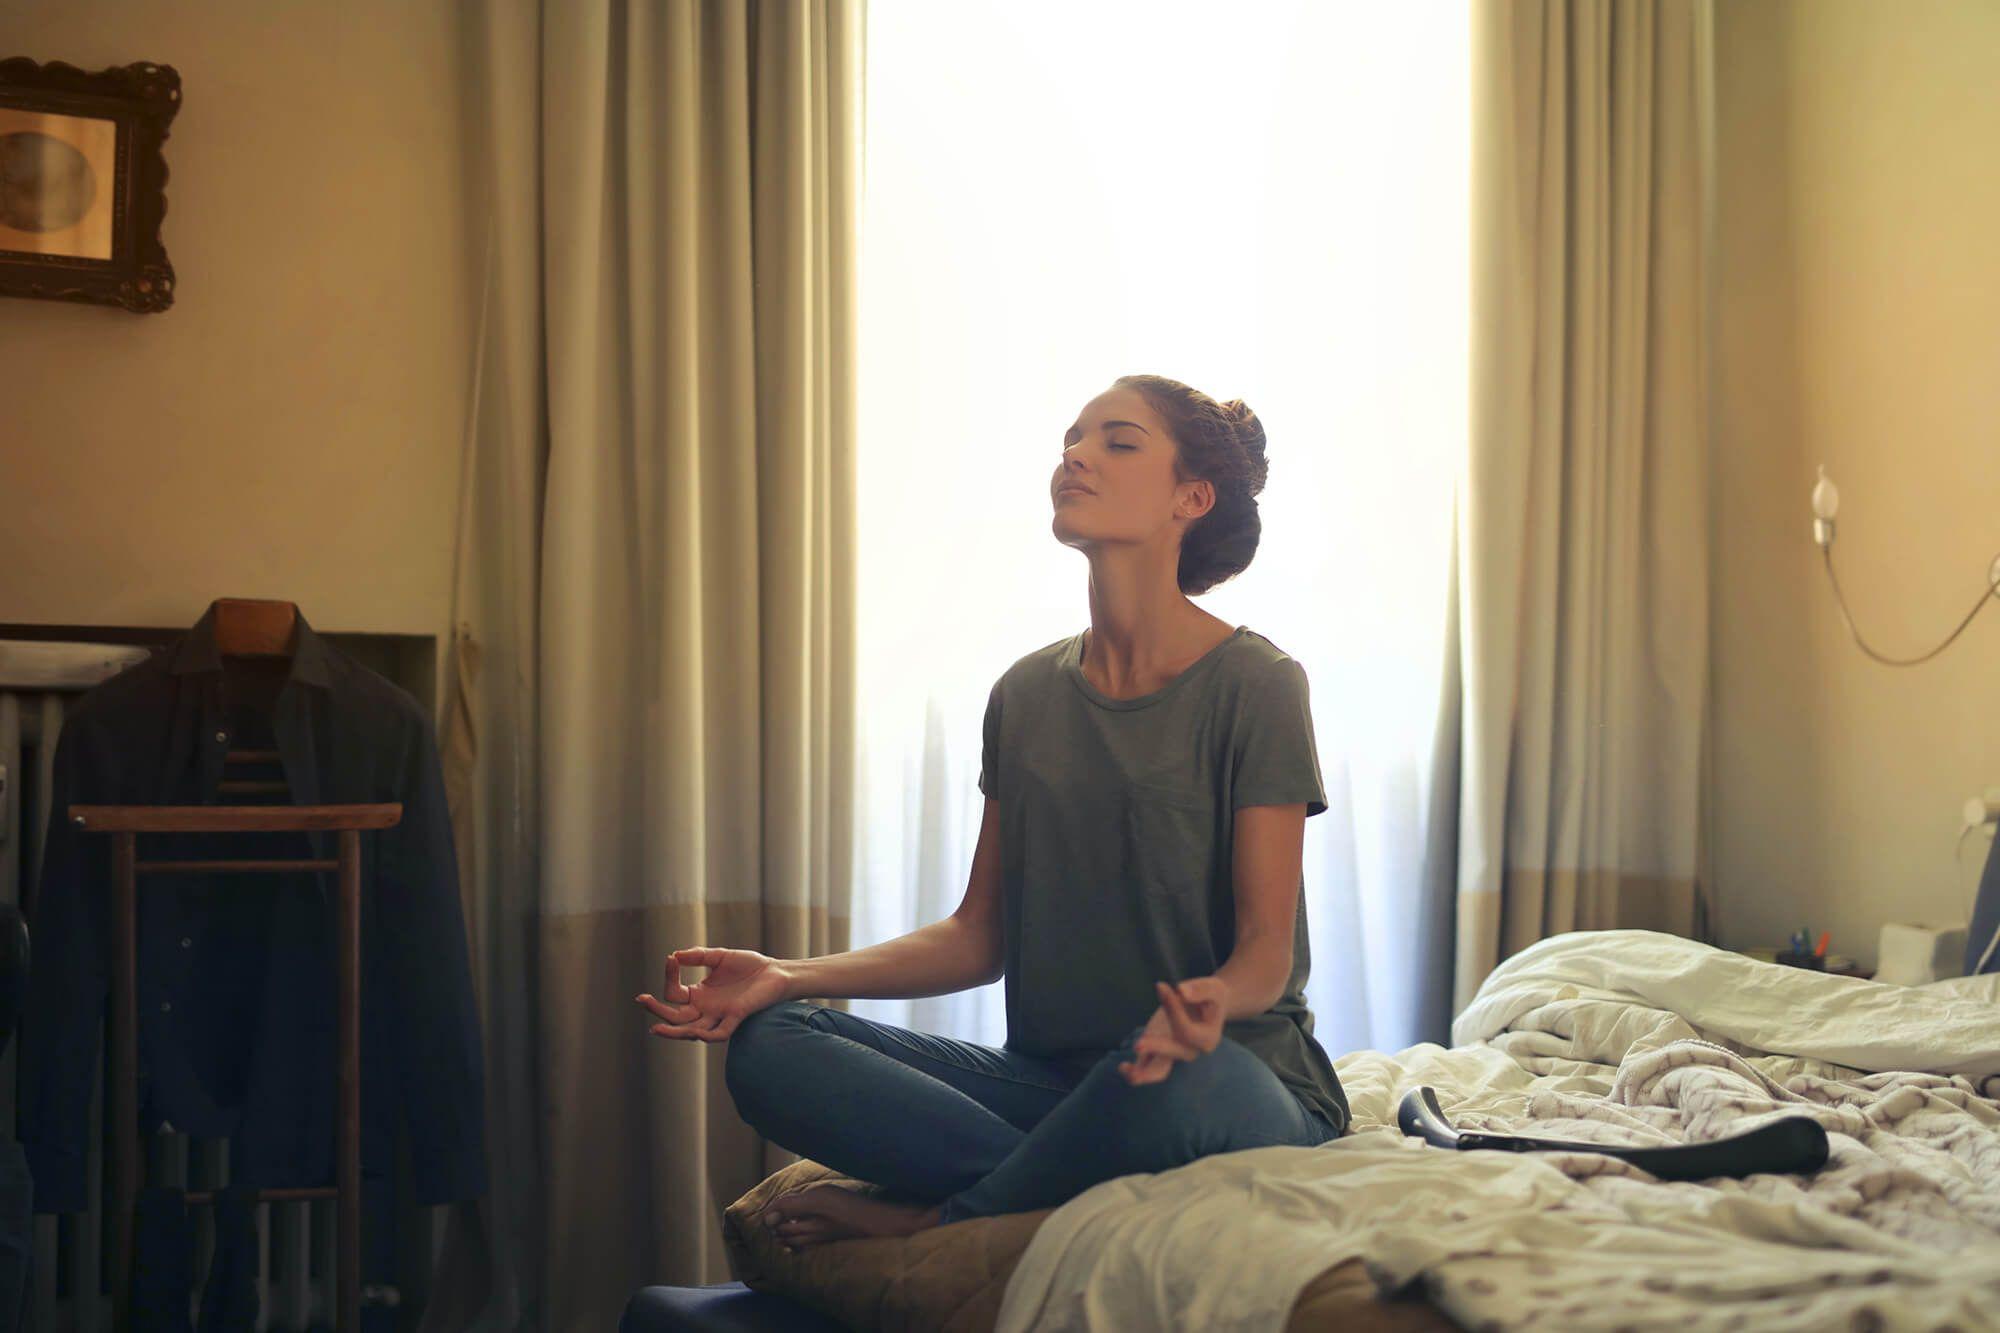 neu-blogartikel-auszeiten-meditieren